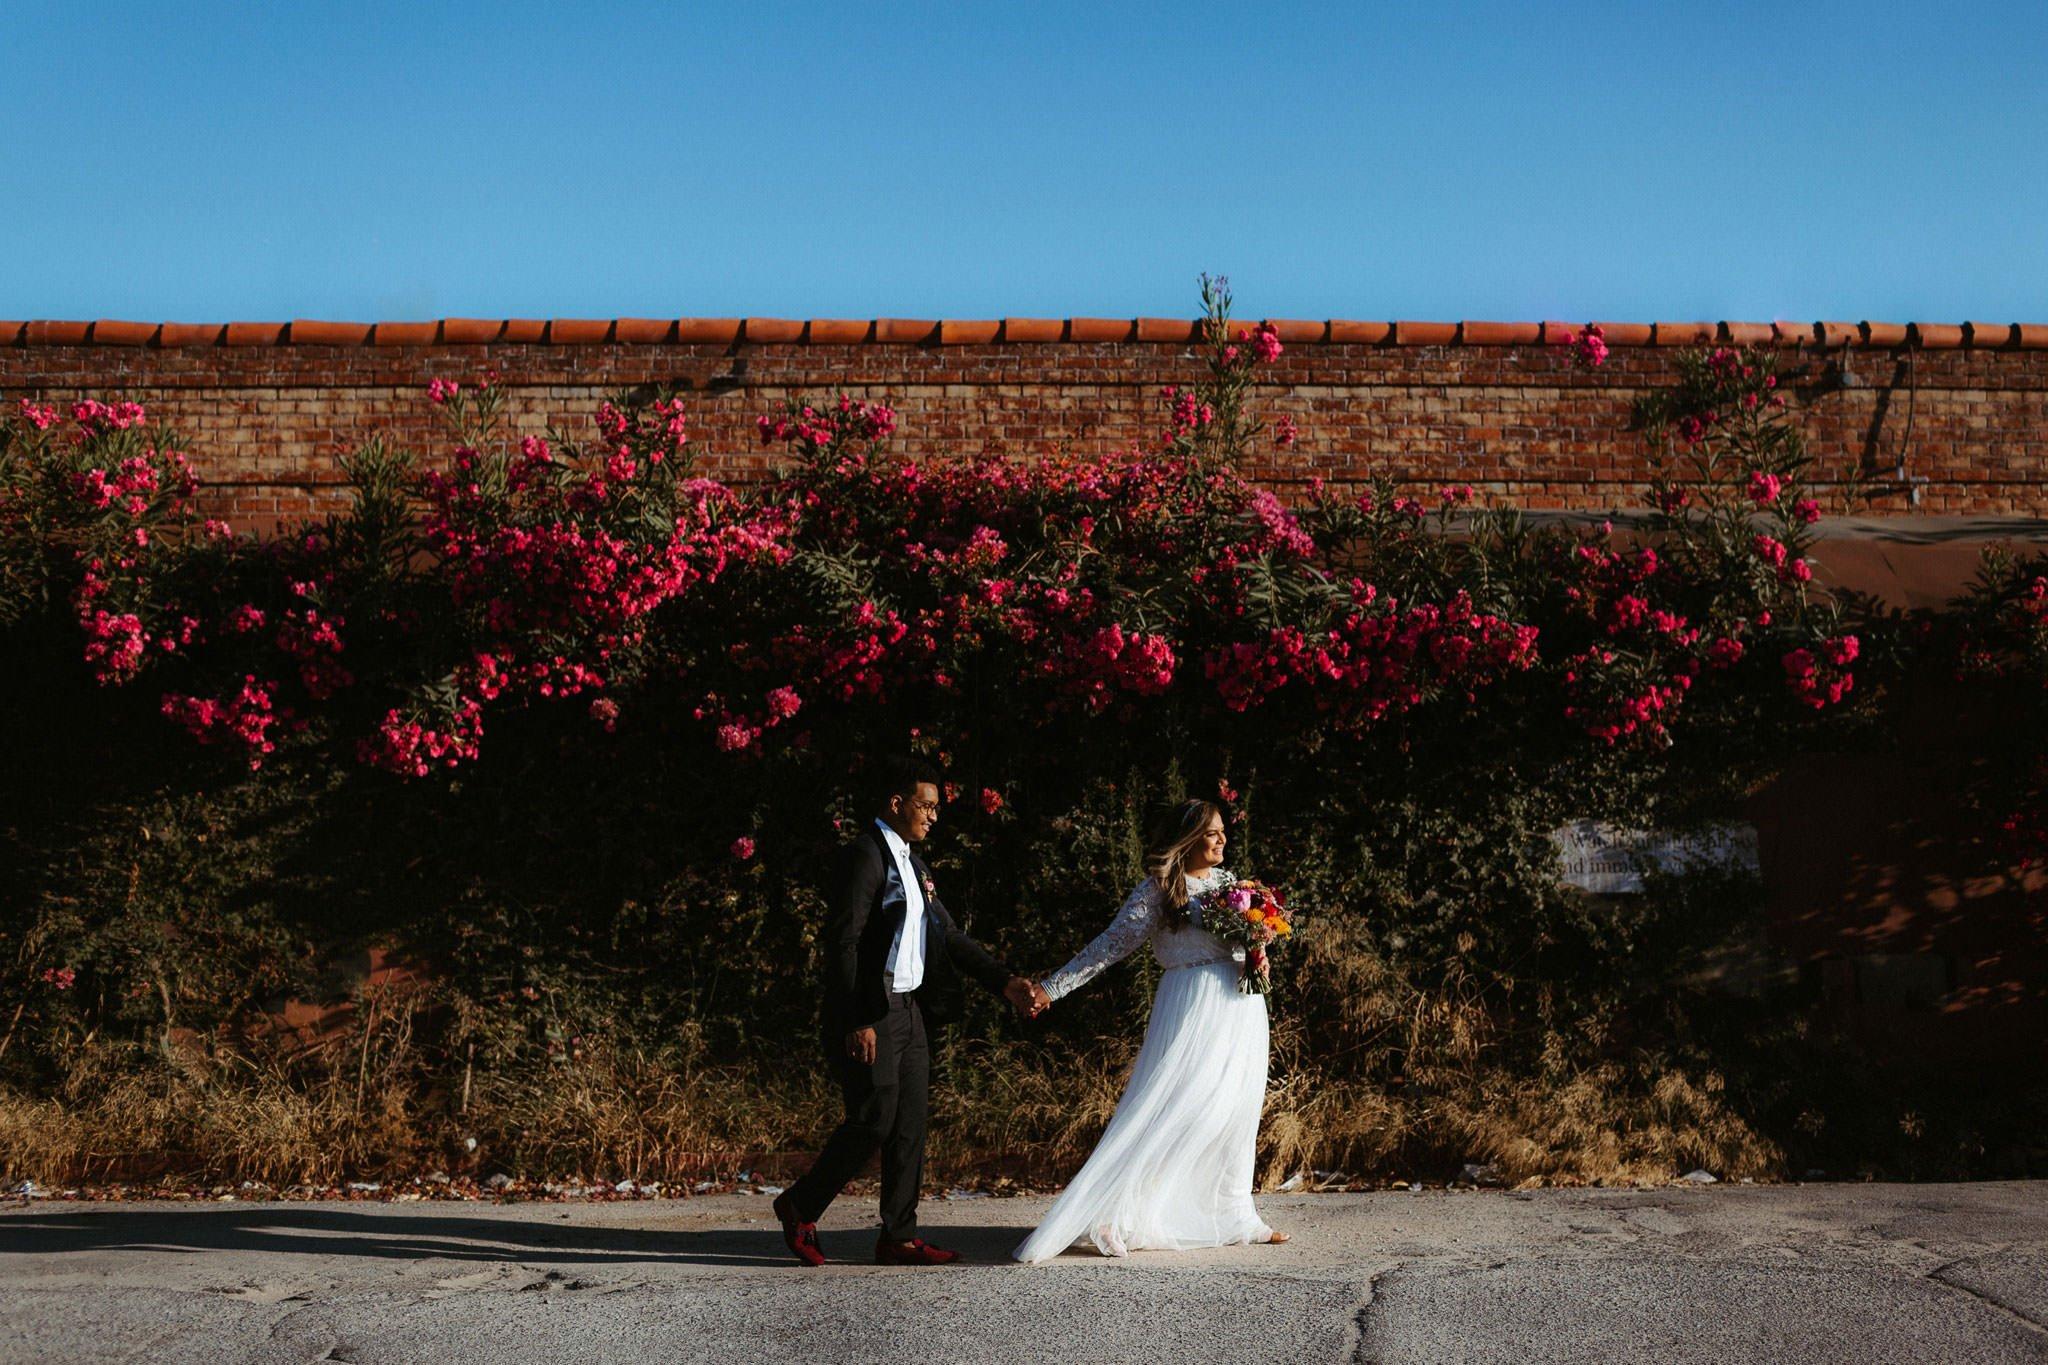 la elopement photos 080